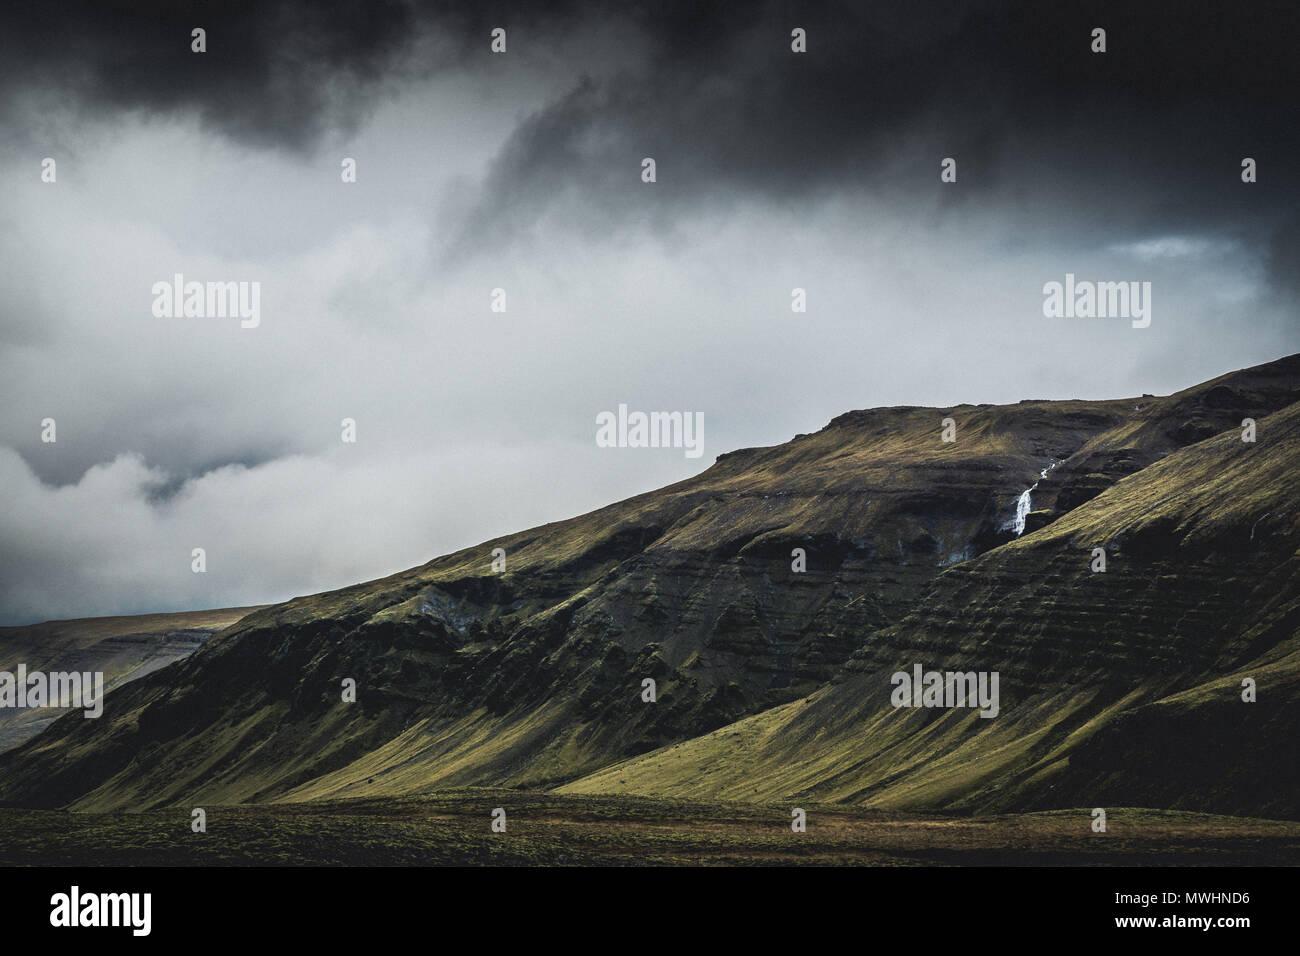 Un paysage typique de l'Icelandic Highlands. Photo Stock